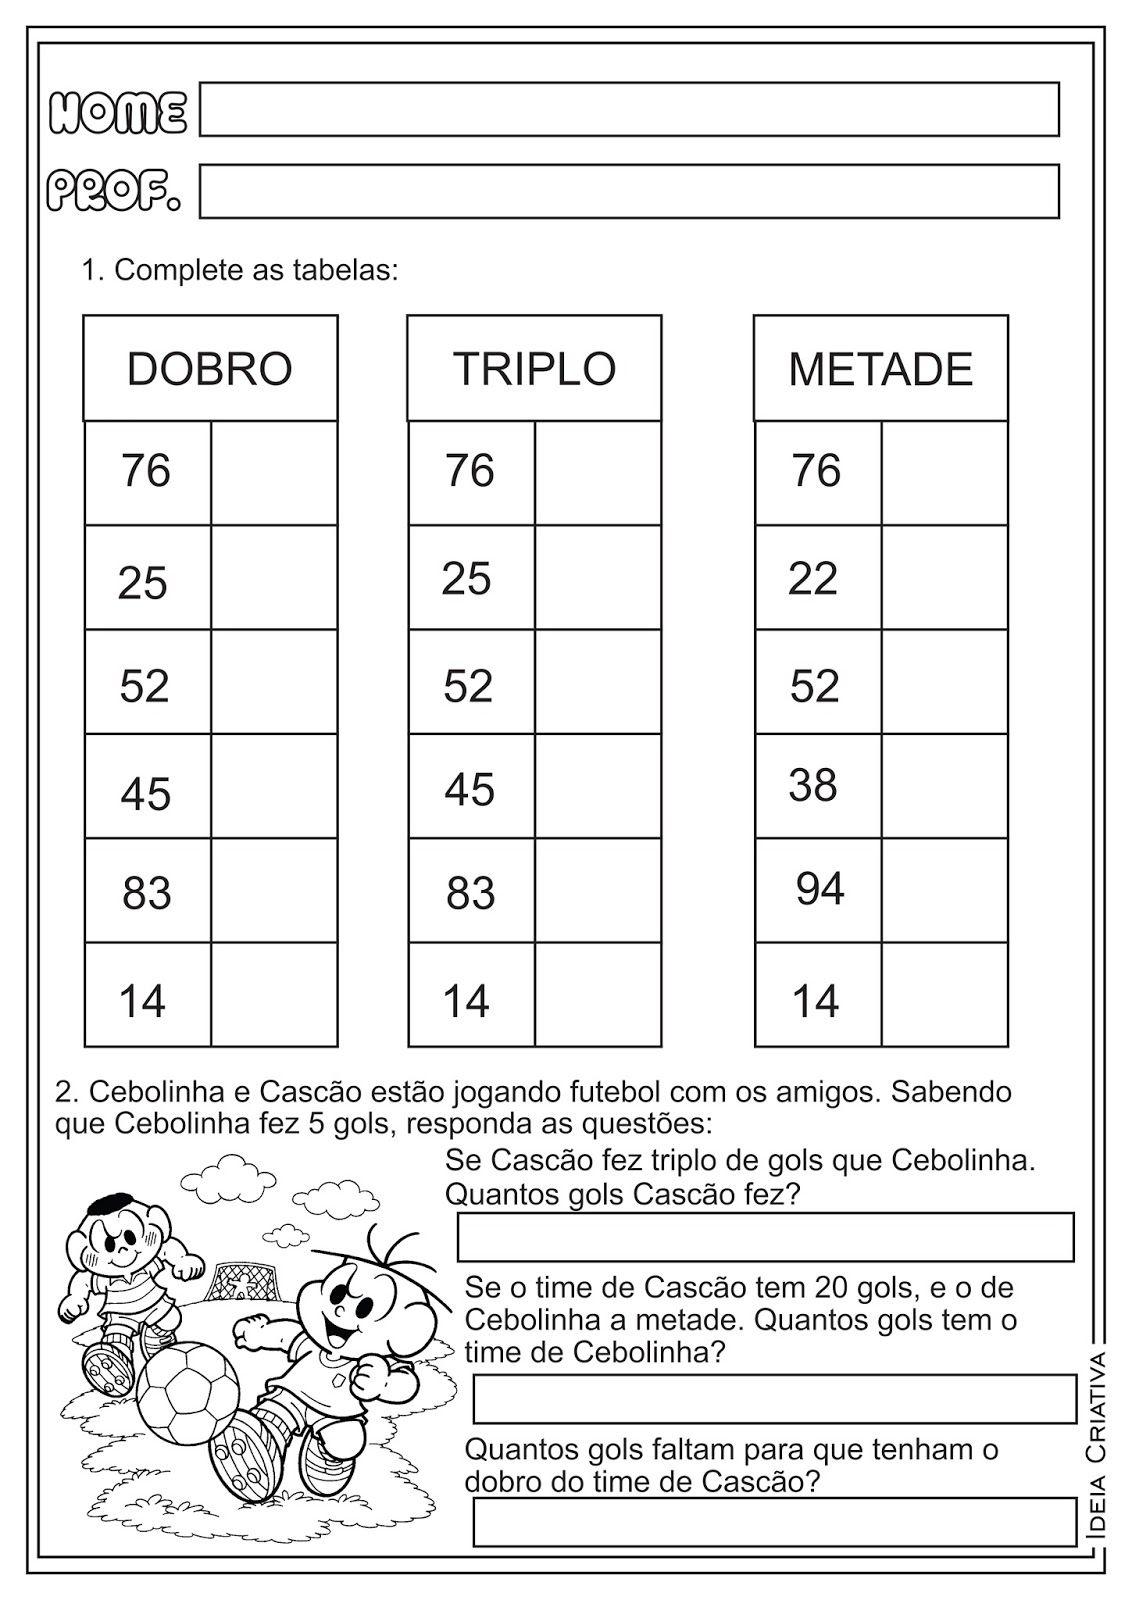 Atividades Matematica Dobro Triplo E Metade Contas Armadas Ideia Criativa Ensin Atividades De Matematica 3ano Atividades De Matematica Exercicios De Matematica